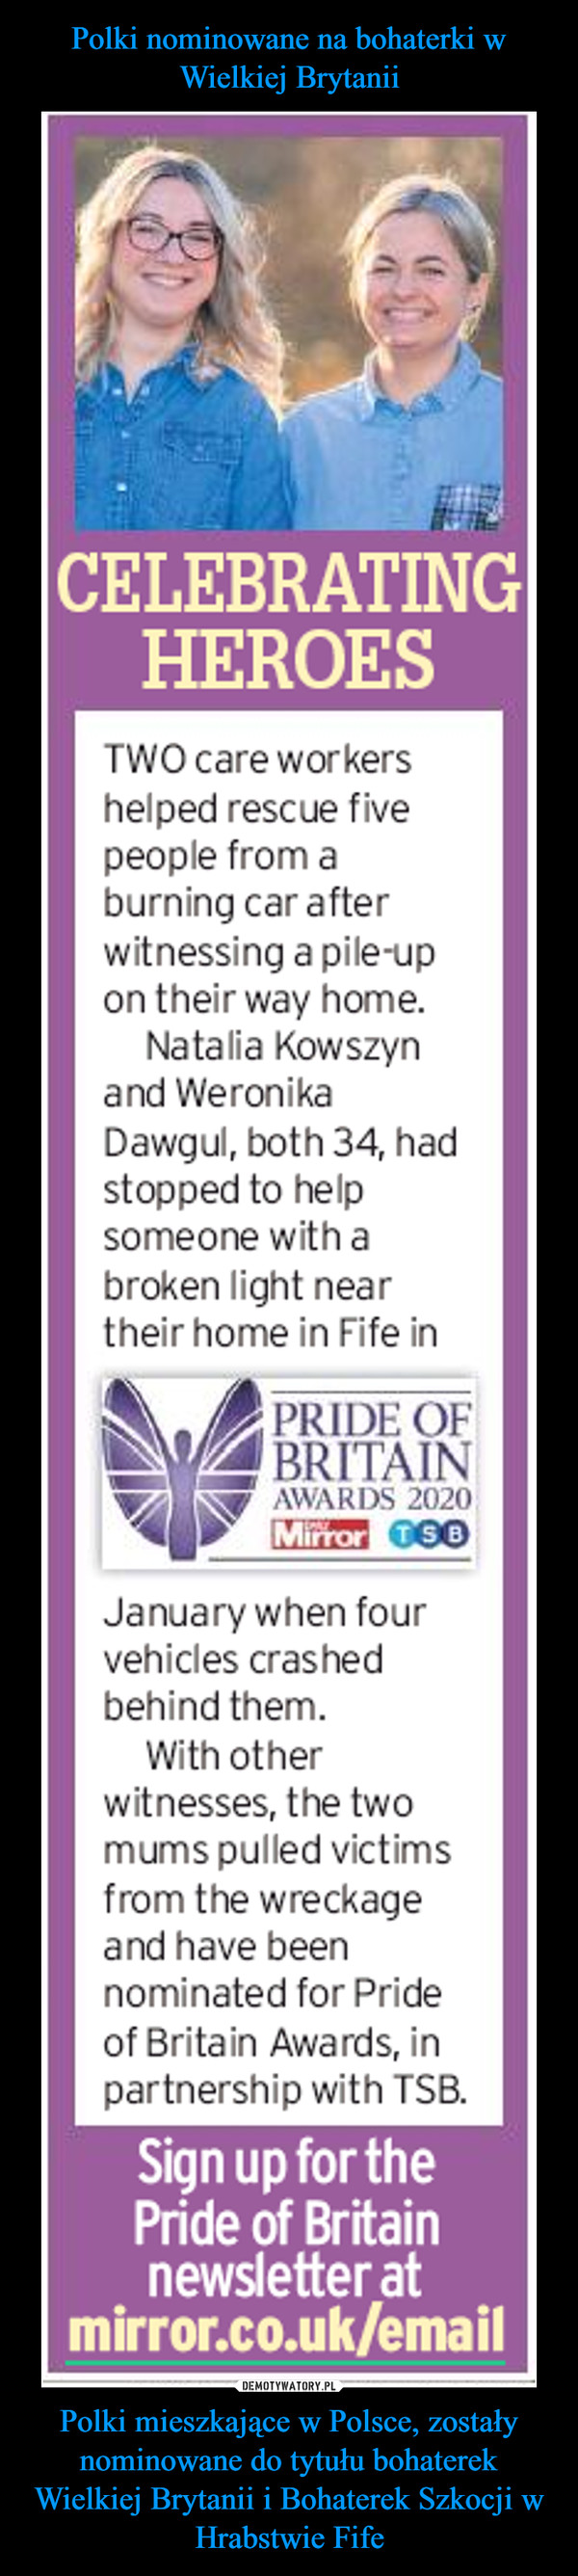 Polki mieszkające w Polsce, zostały nominowane do tytułu bohaterek Wielkiej Brytanii i Bohaterek Szkocji w Hrabstwie Fife –